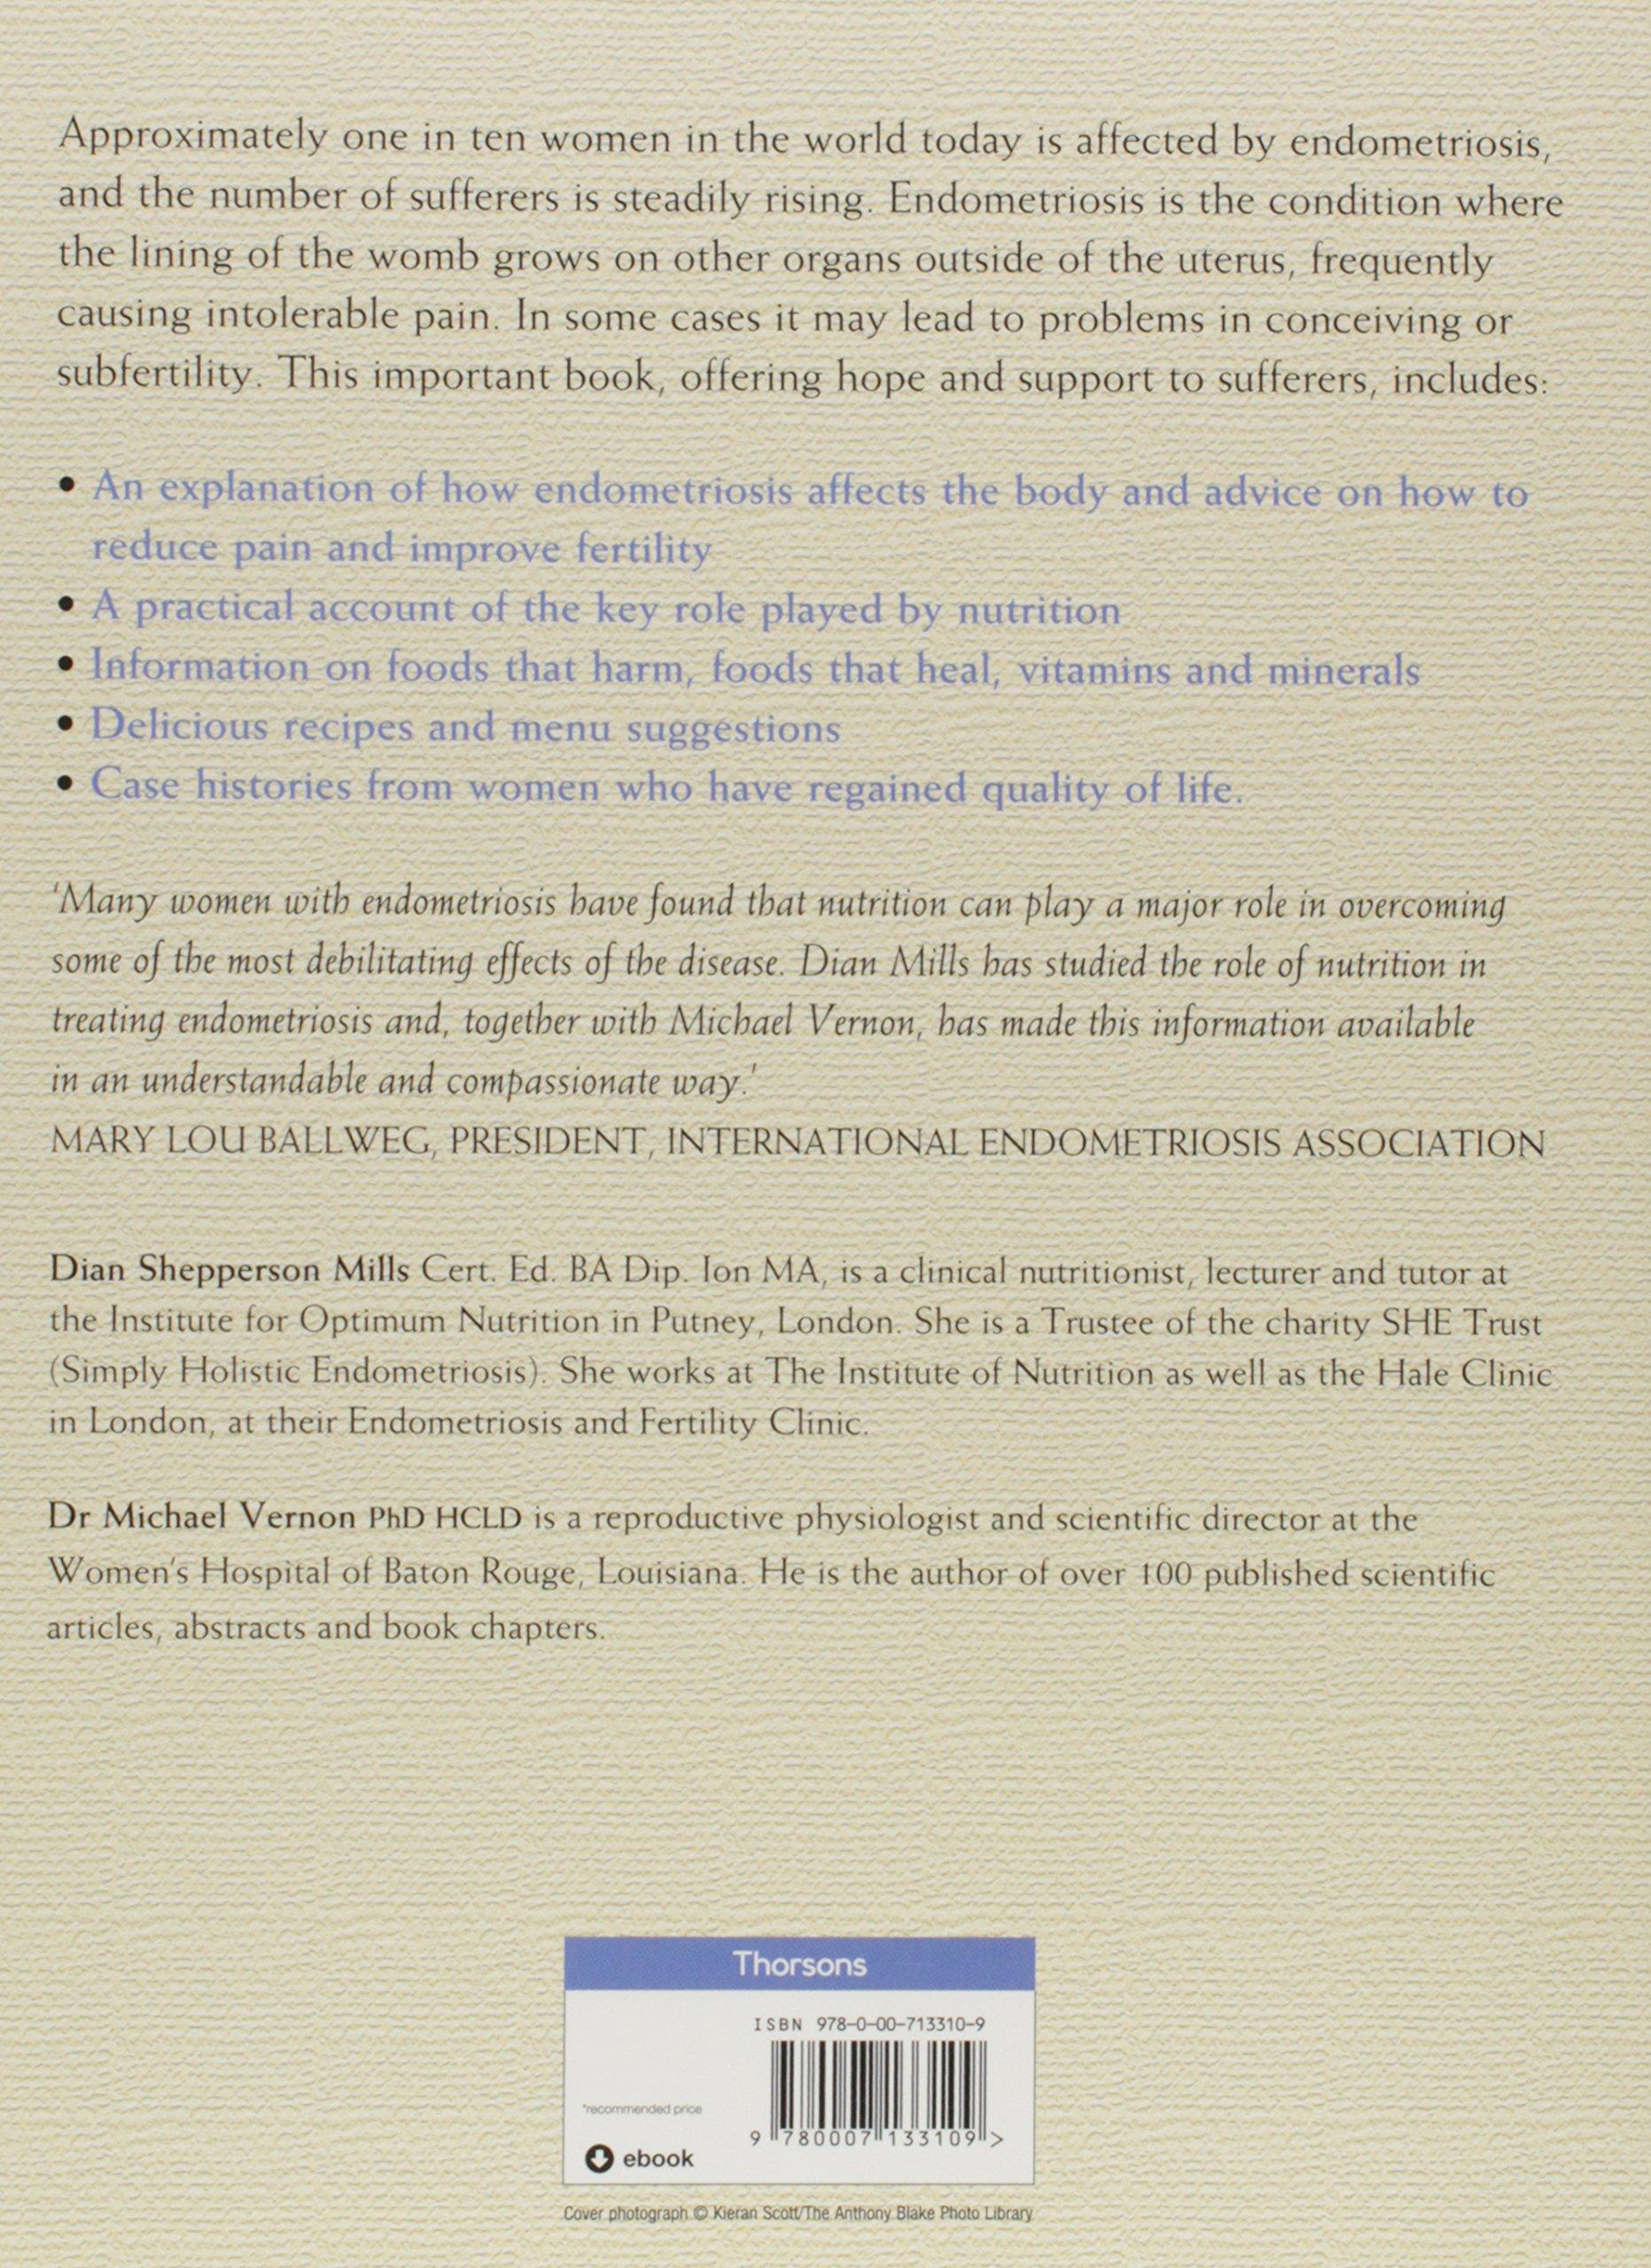 Endometriosis a key to healing through nutrition michael vernon endometriosis a key to healing through nutrition michael vernon dian shepperson mills amazon libros forumfinder Images